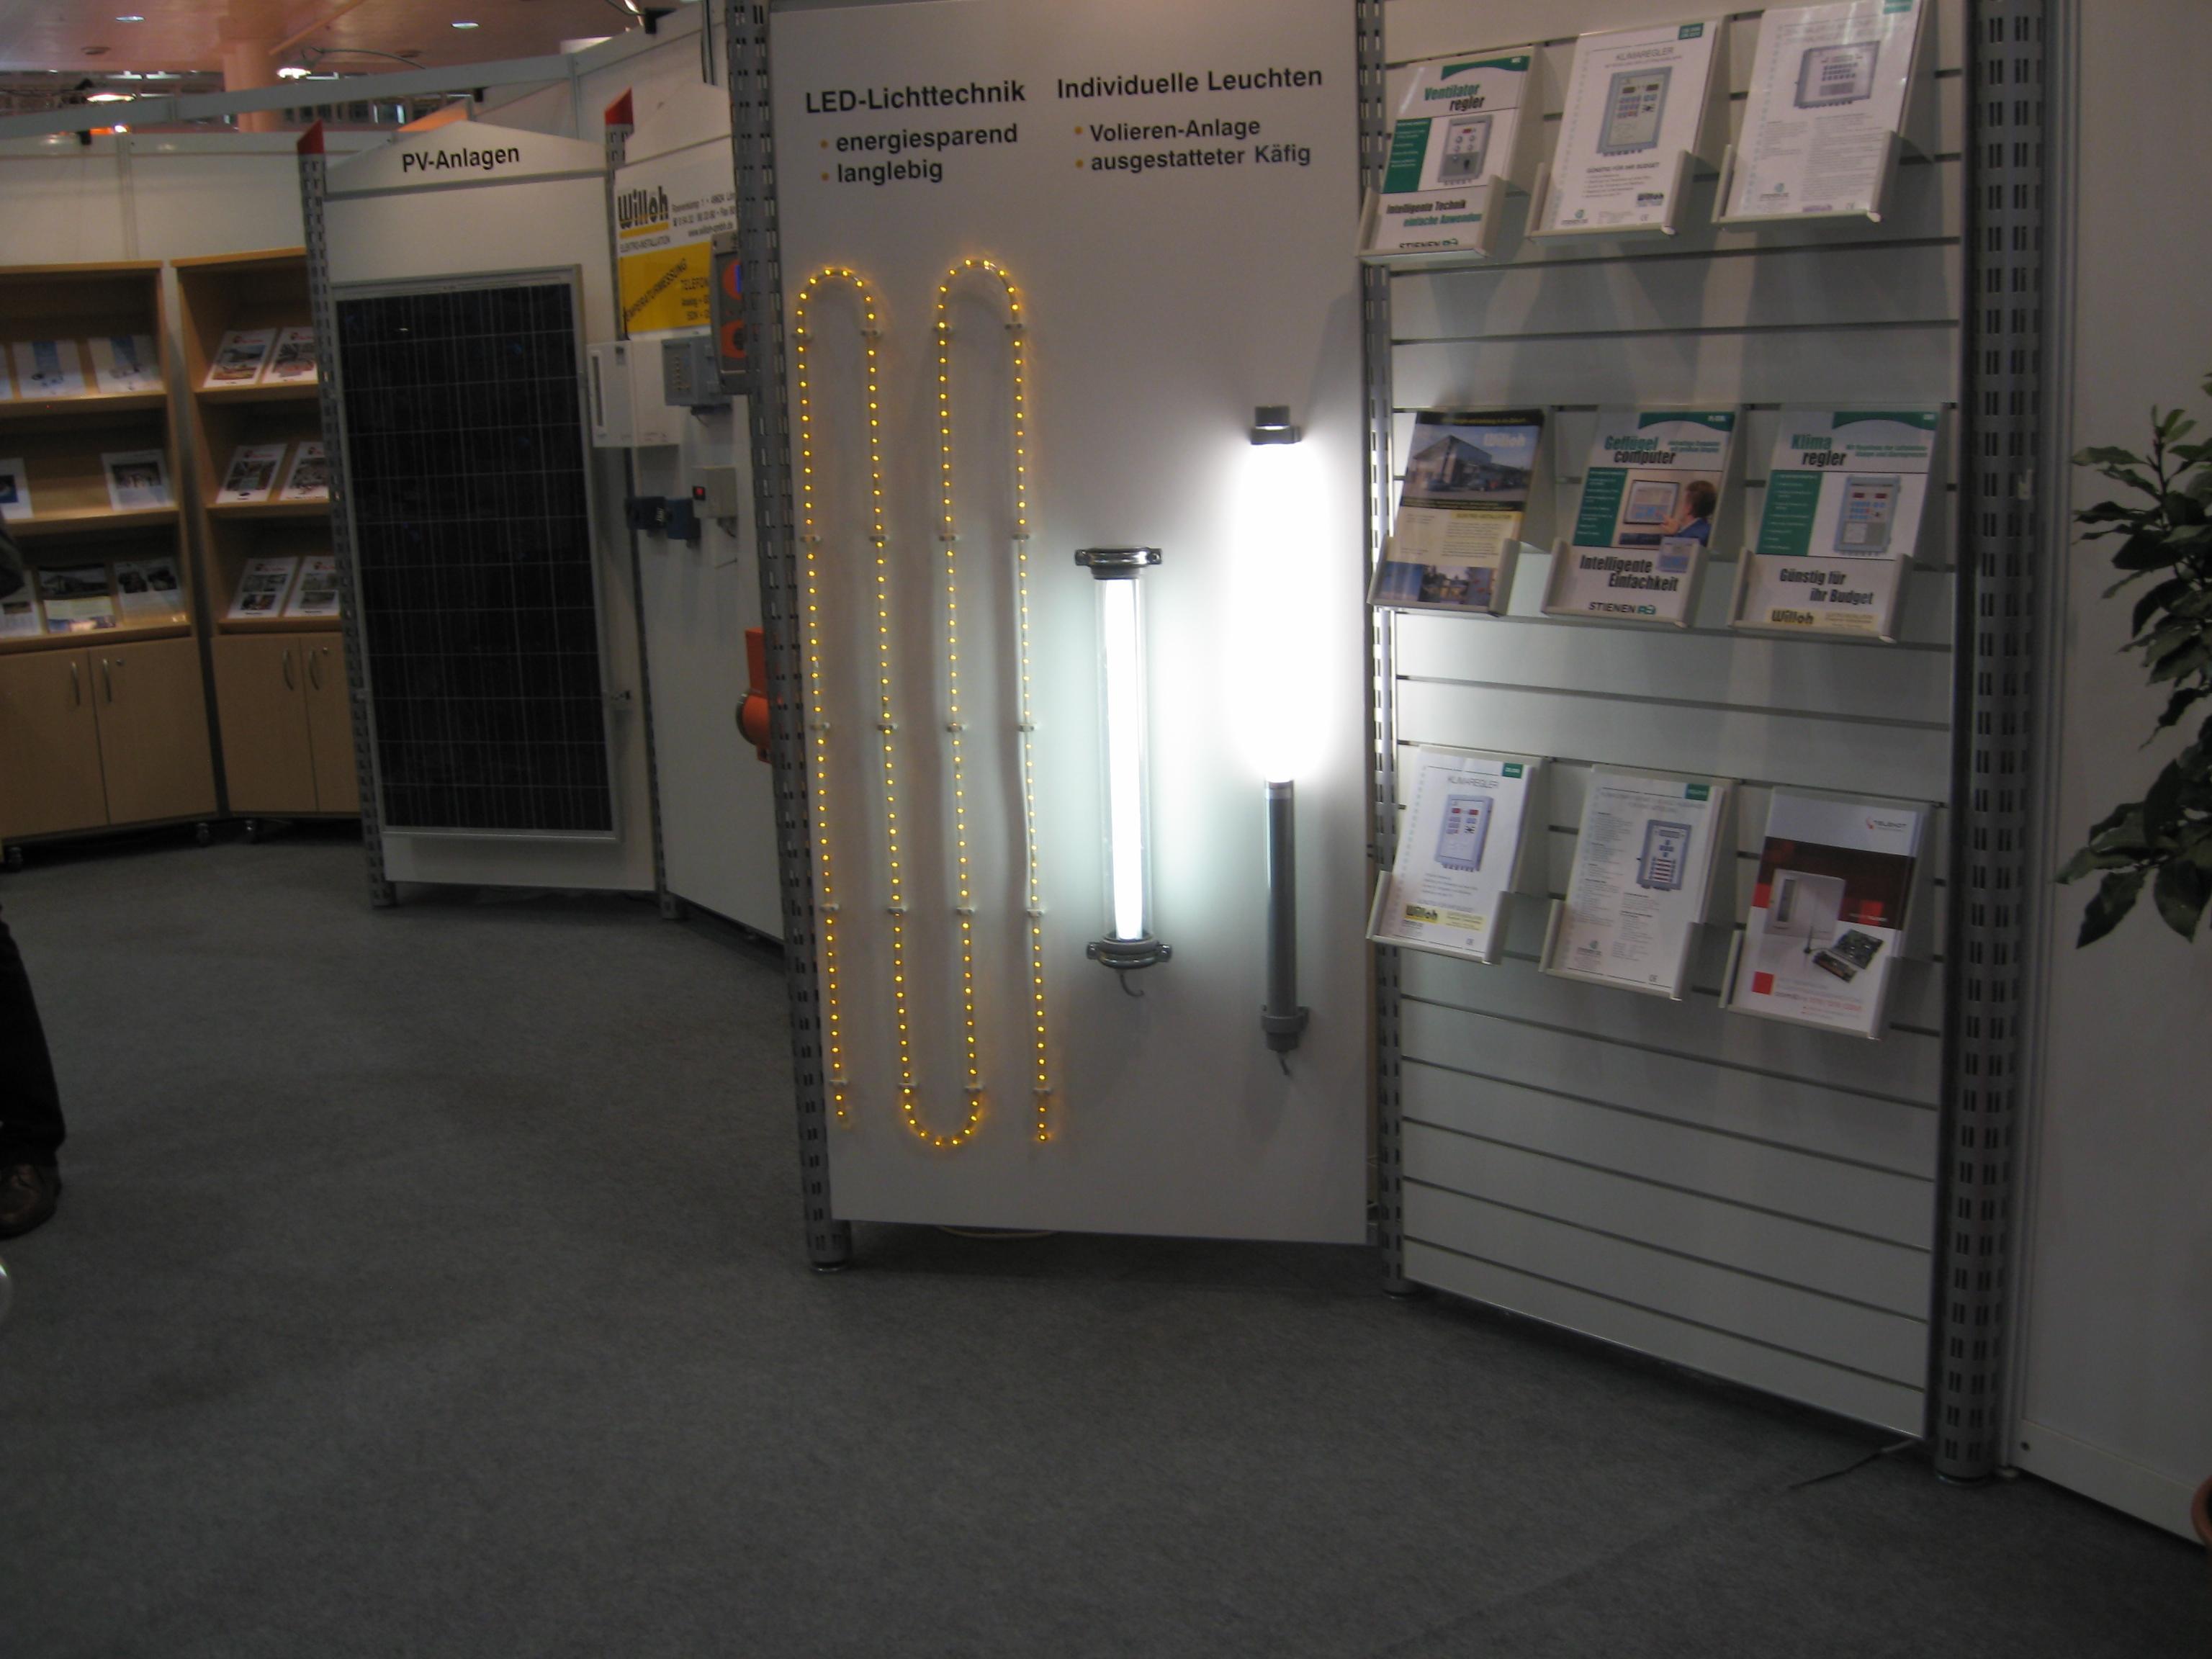 Светодиодные светильники на  выставке  Eurotier 2010